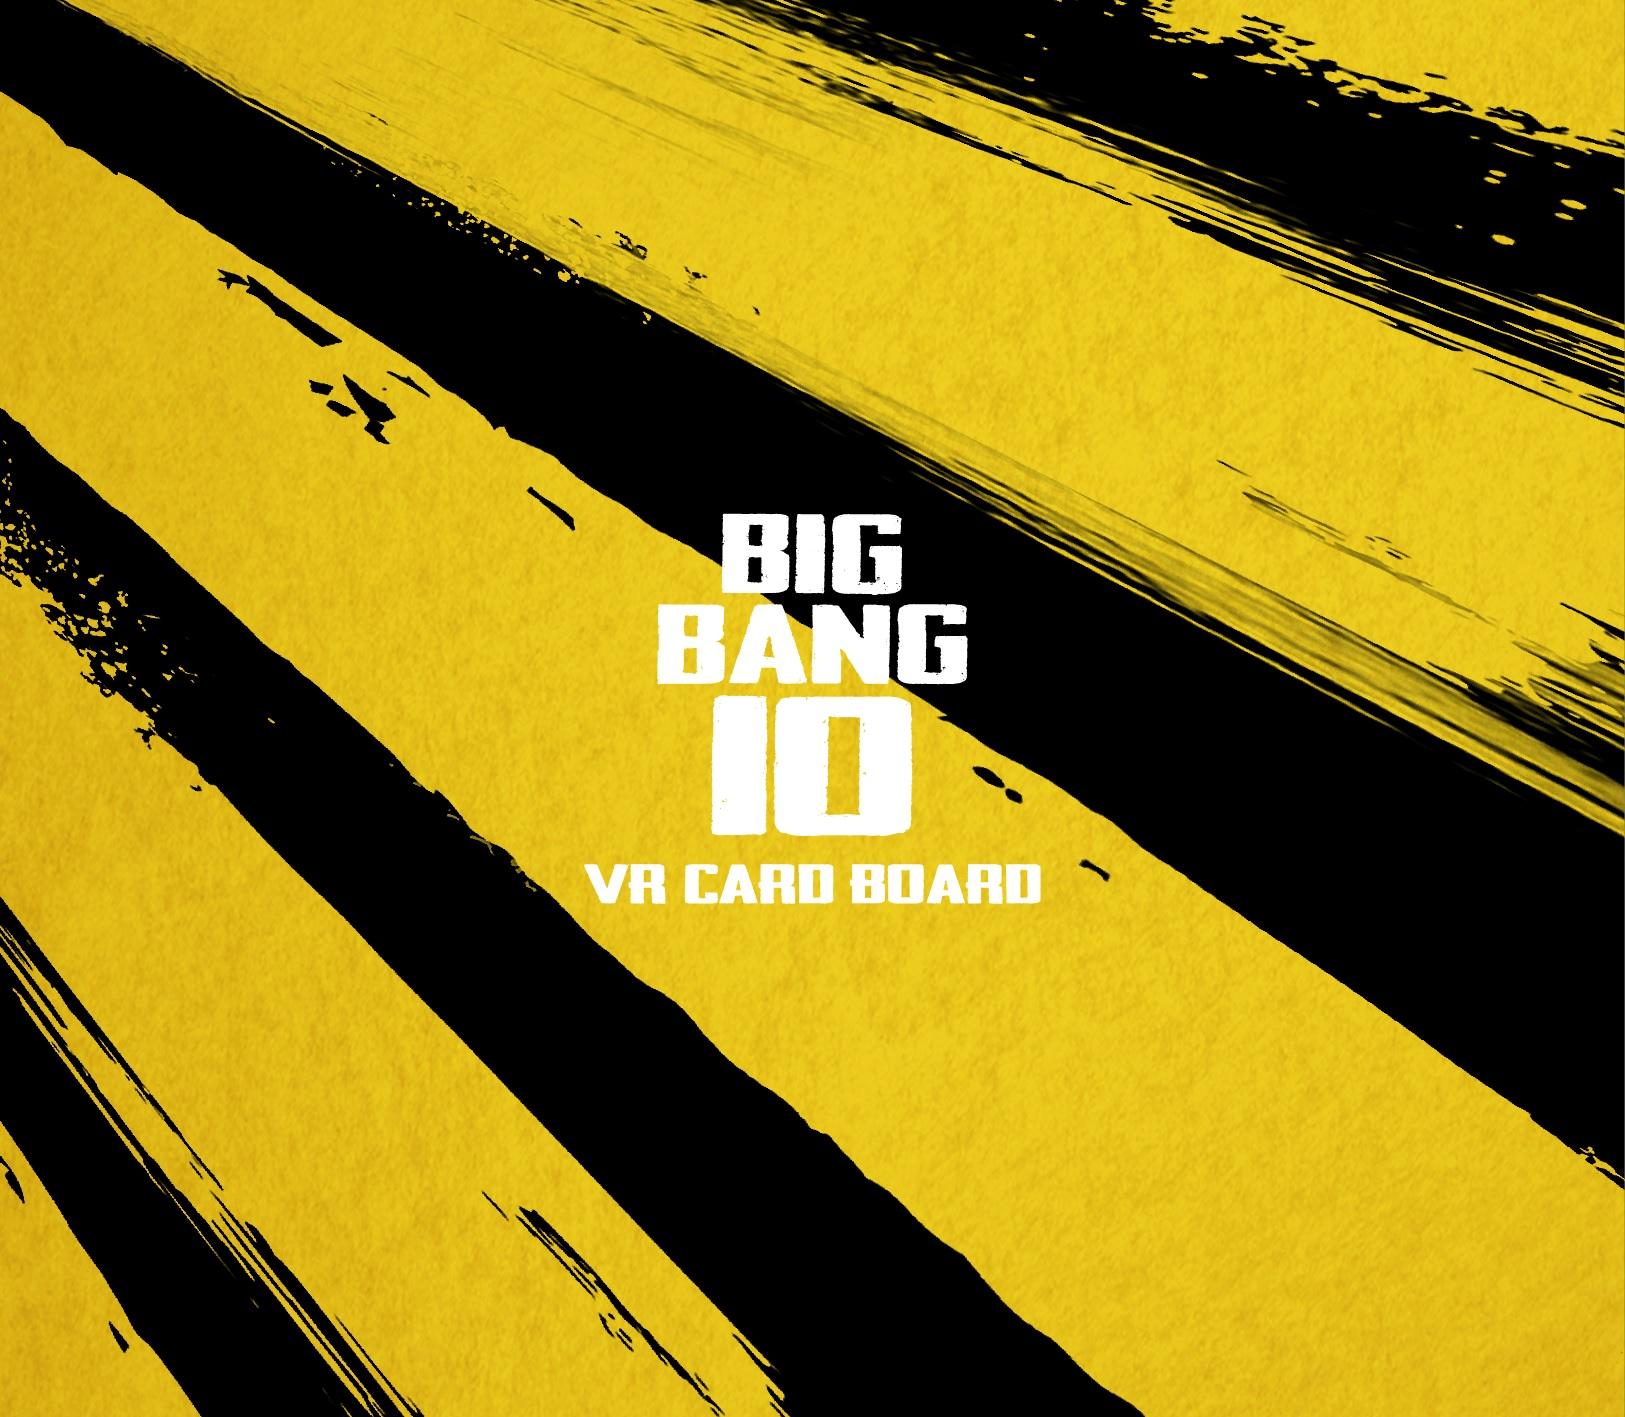 BIGBANG10展览:A至ZX VR卡板